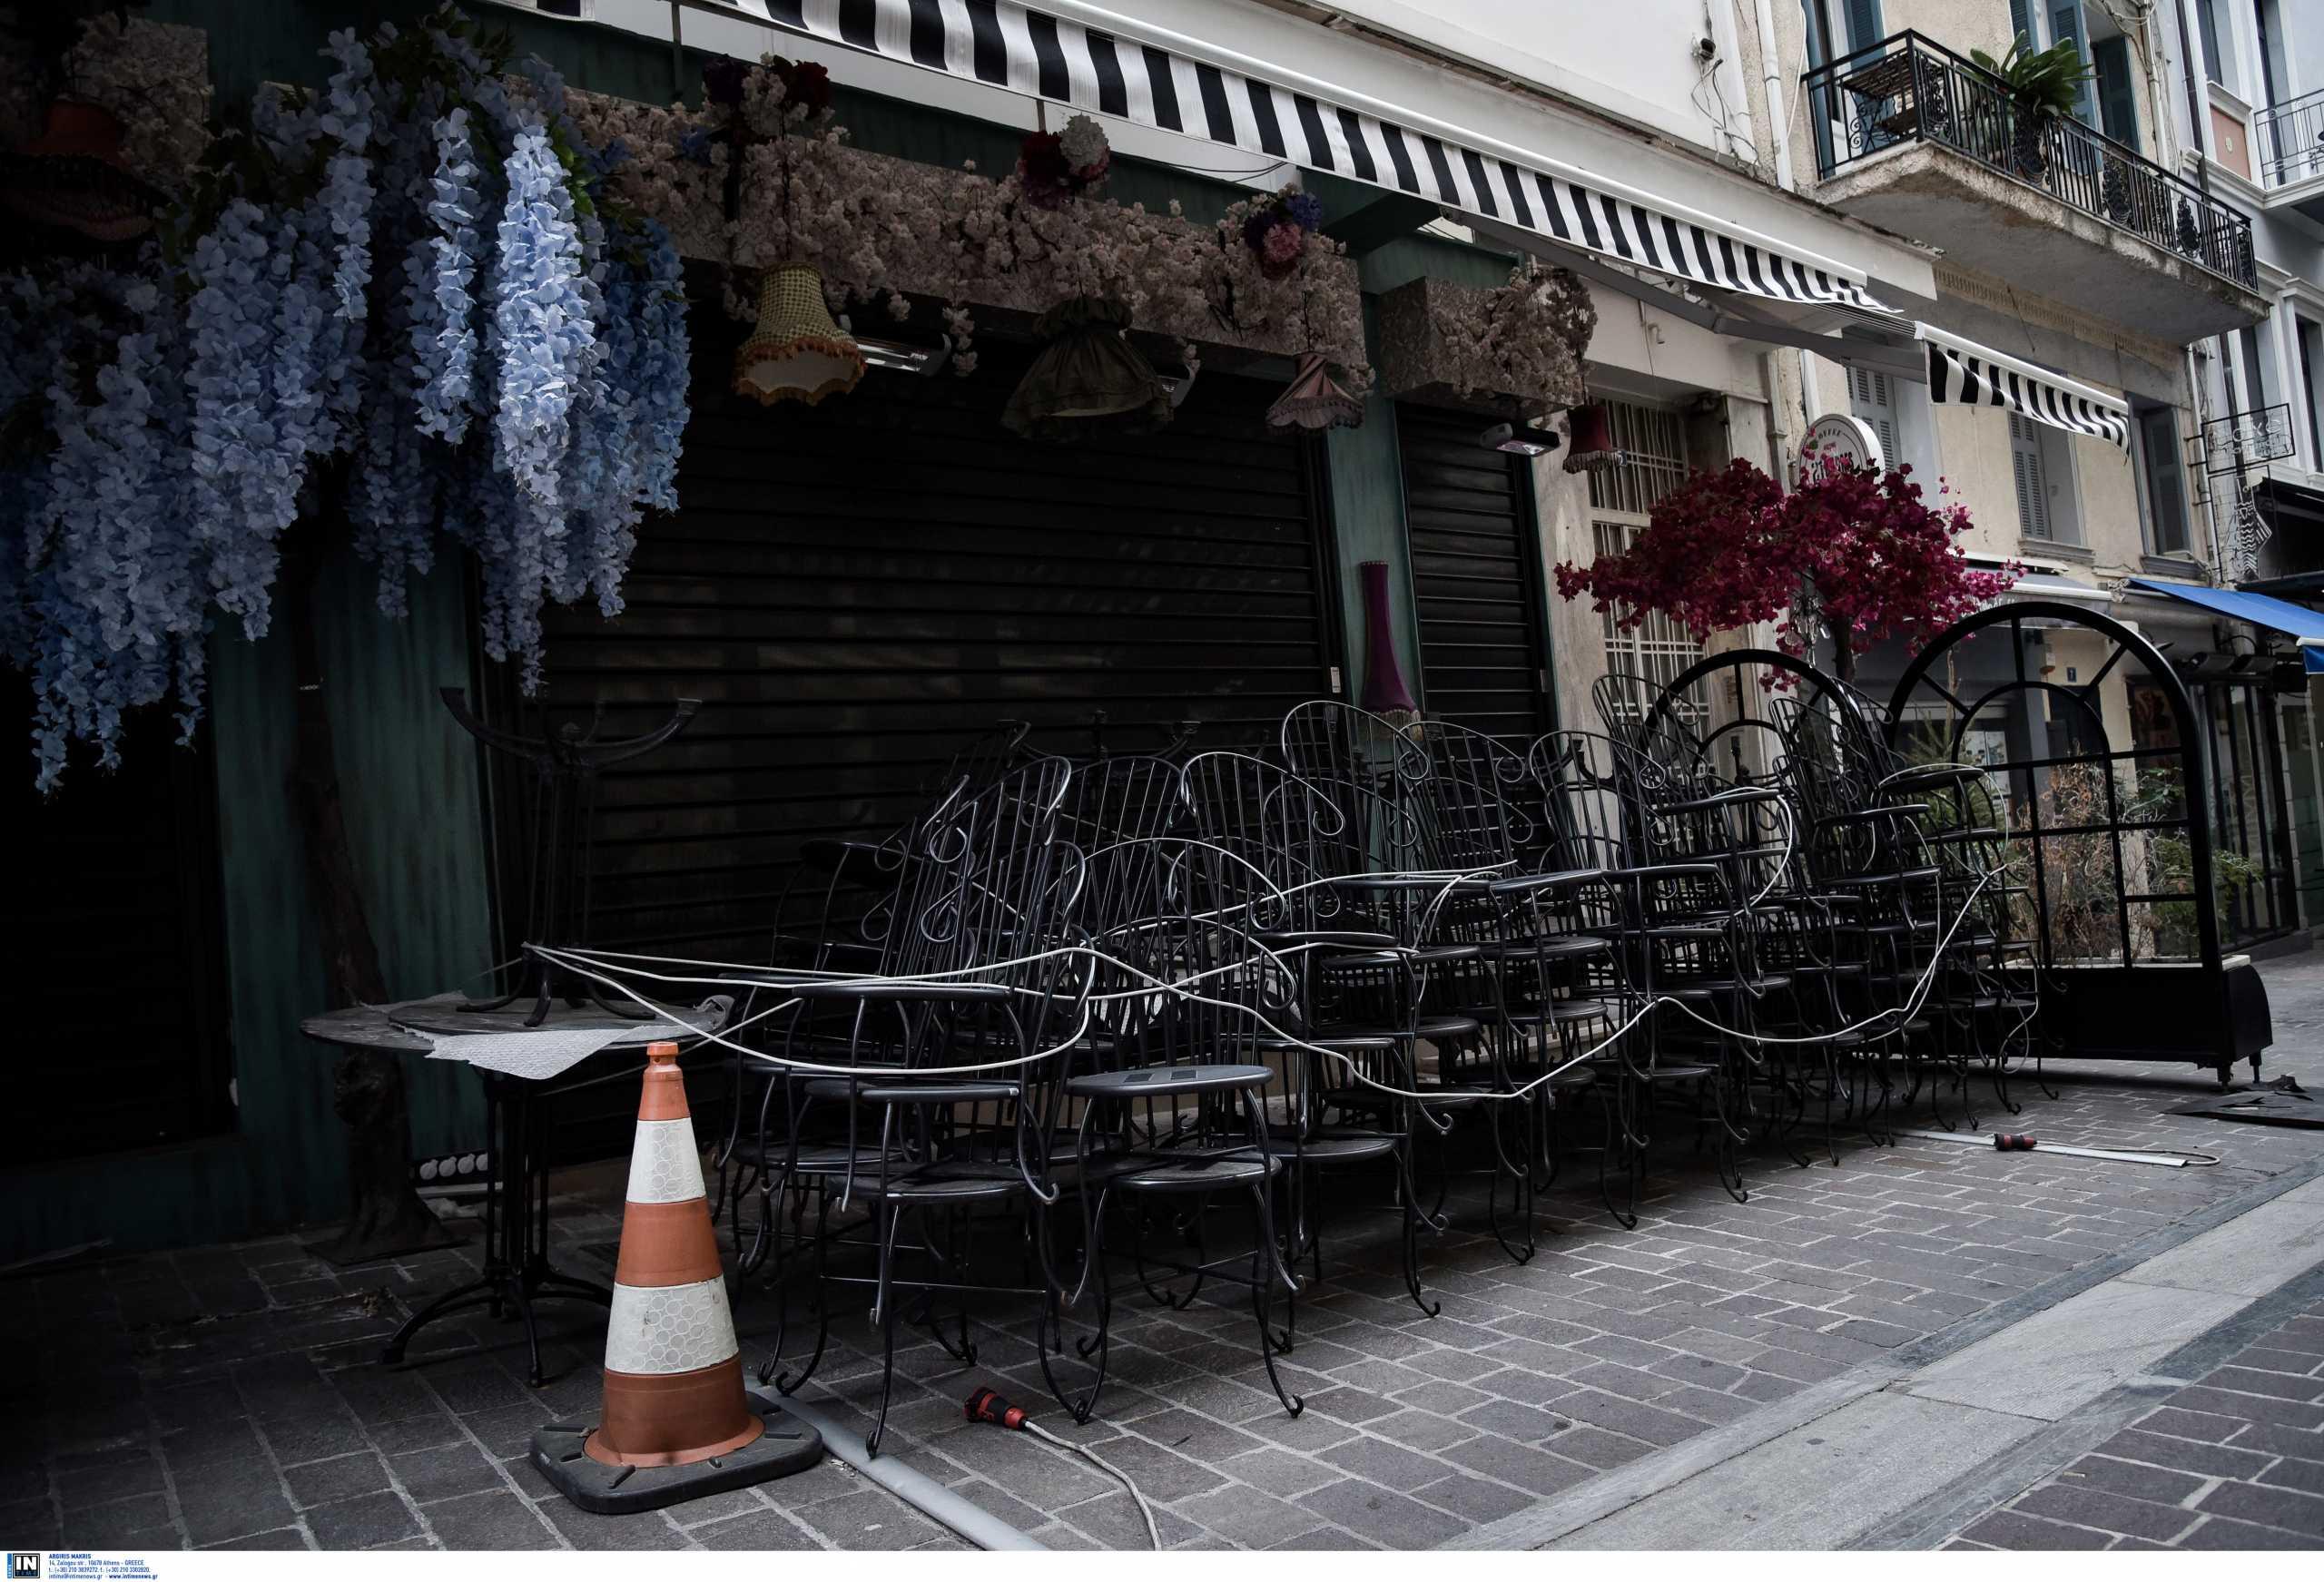 Σαρηγιάννης: «Γιατί η εστίαση έπρεπε να ανοίξει στα μέσα Μαΐου μαζί με τον τουρισμό»